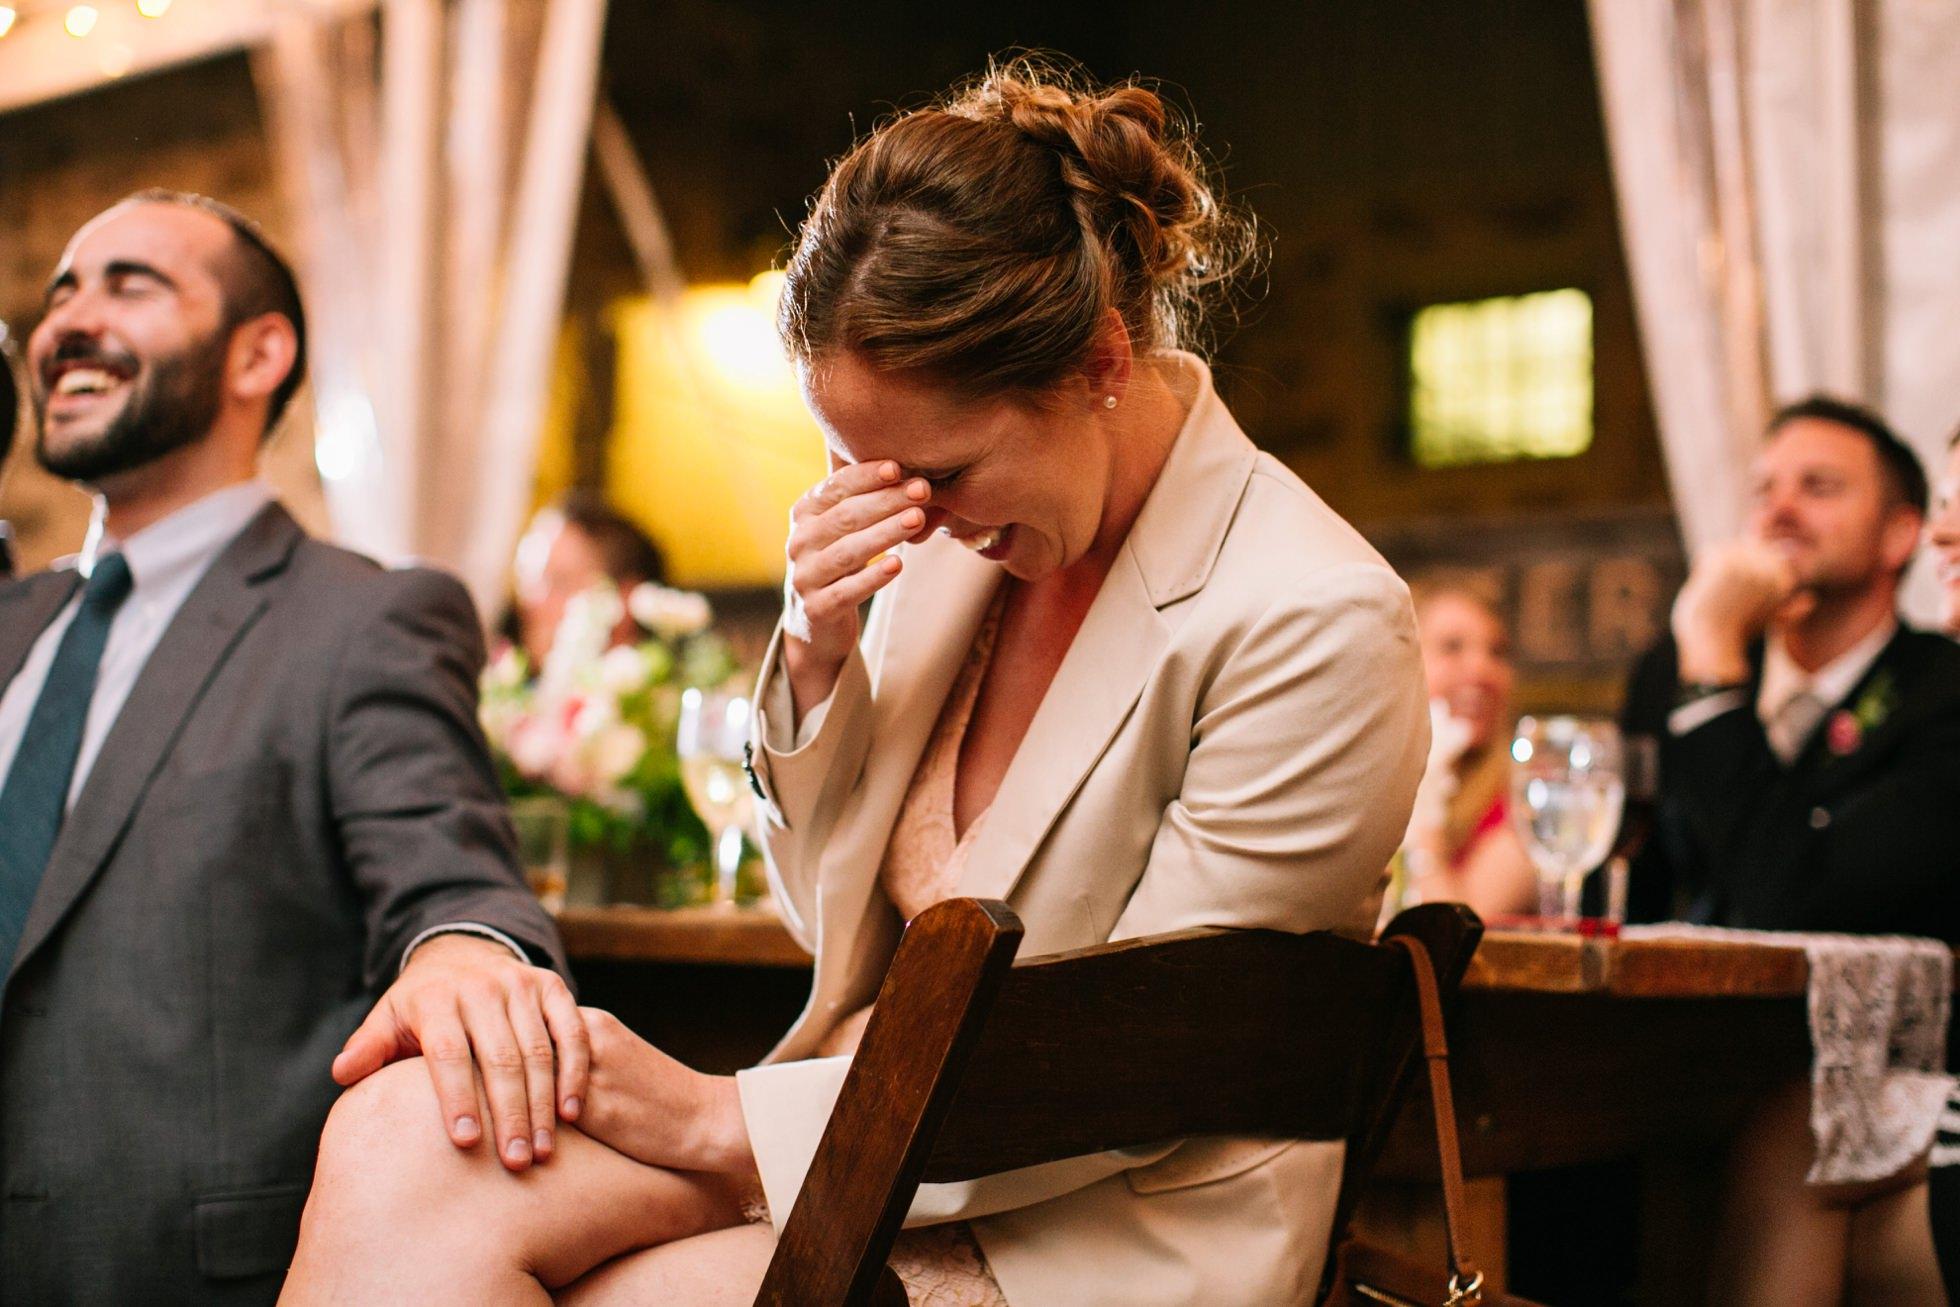 Romantic Bartram's Garden Outdoor Summer Wedding, Philadelphia | brittneyraine.com 100